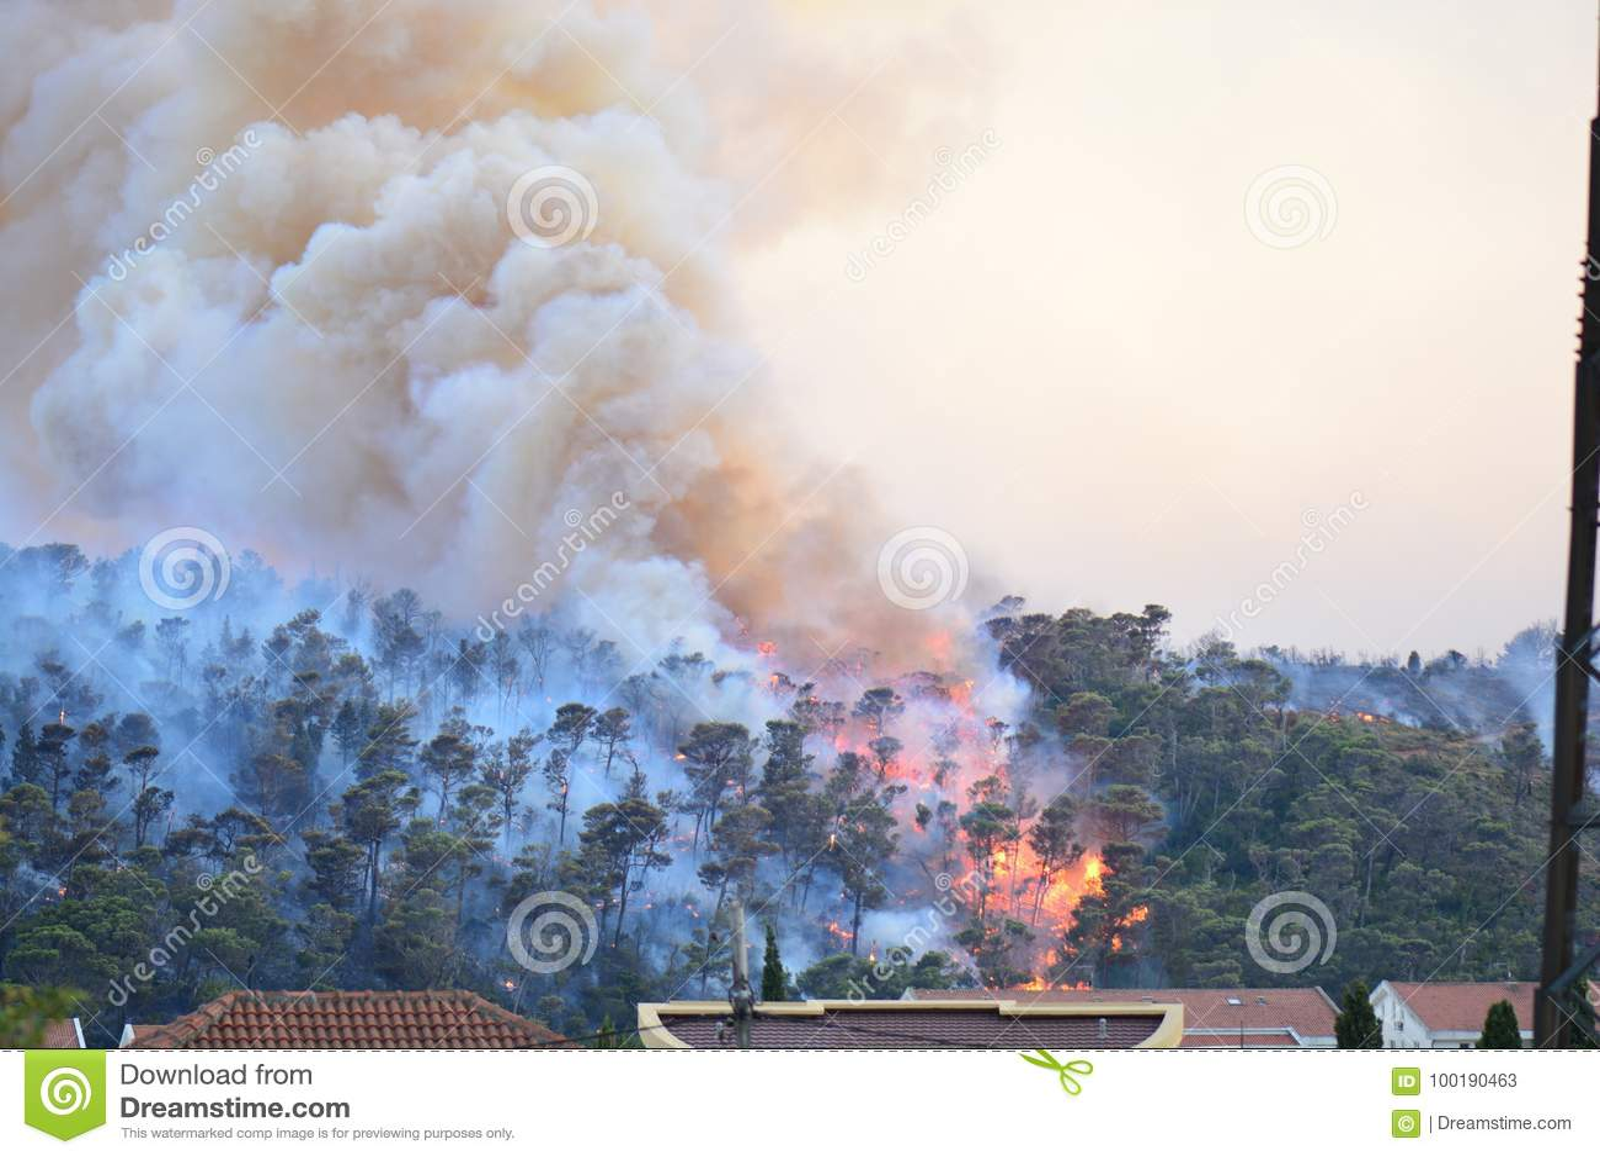 Лесной пожар Сгорели деревья после лесного пожара, загрязнения и много дыма